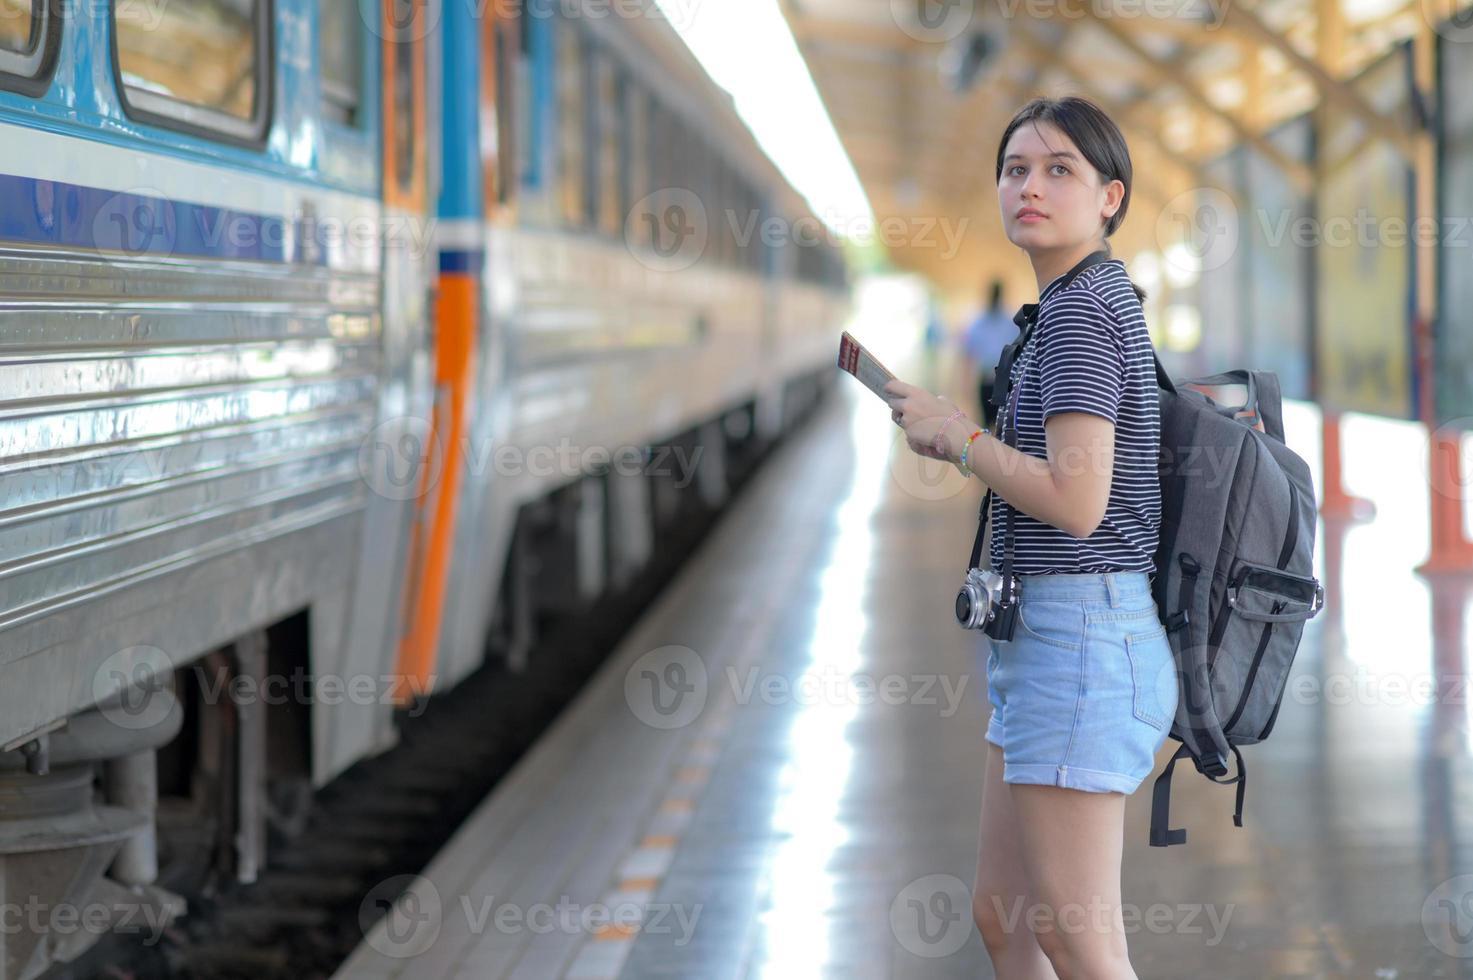 vrouwelijke internationale reiziger met kaart met rugzak die op de trein wacht. foto